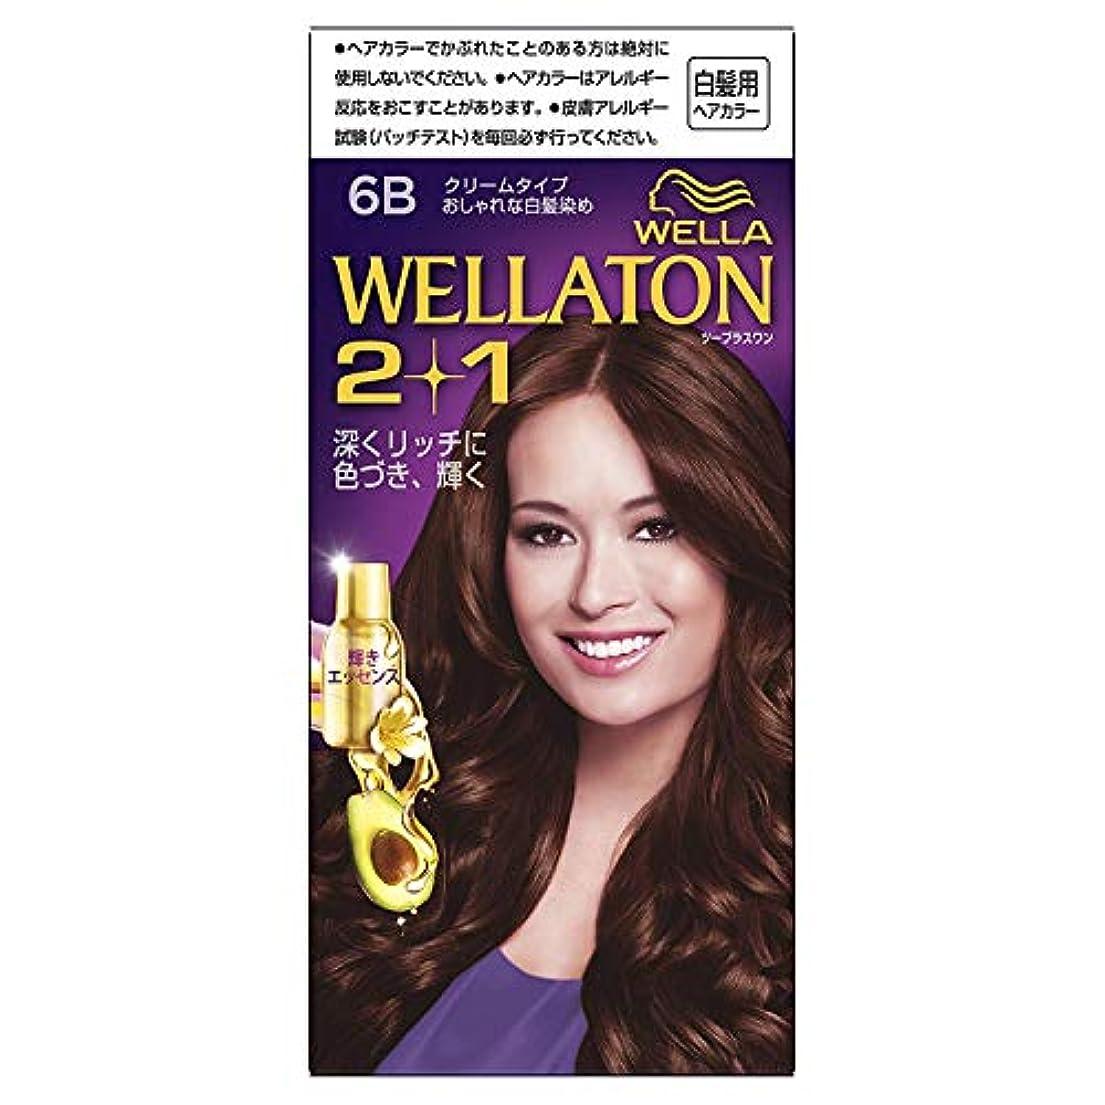 教育外国人明るくするウエラトーン2+1 クリームタイプ 6B [医薬部外品] ×6個